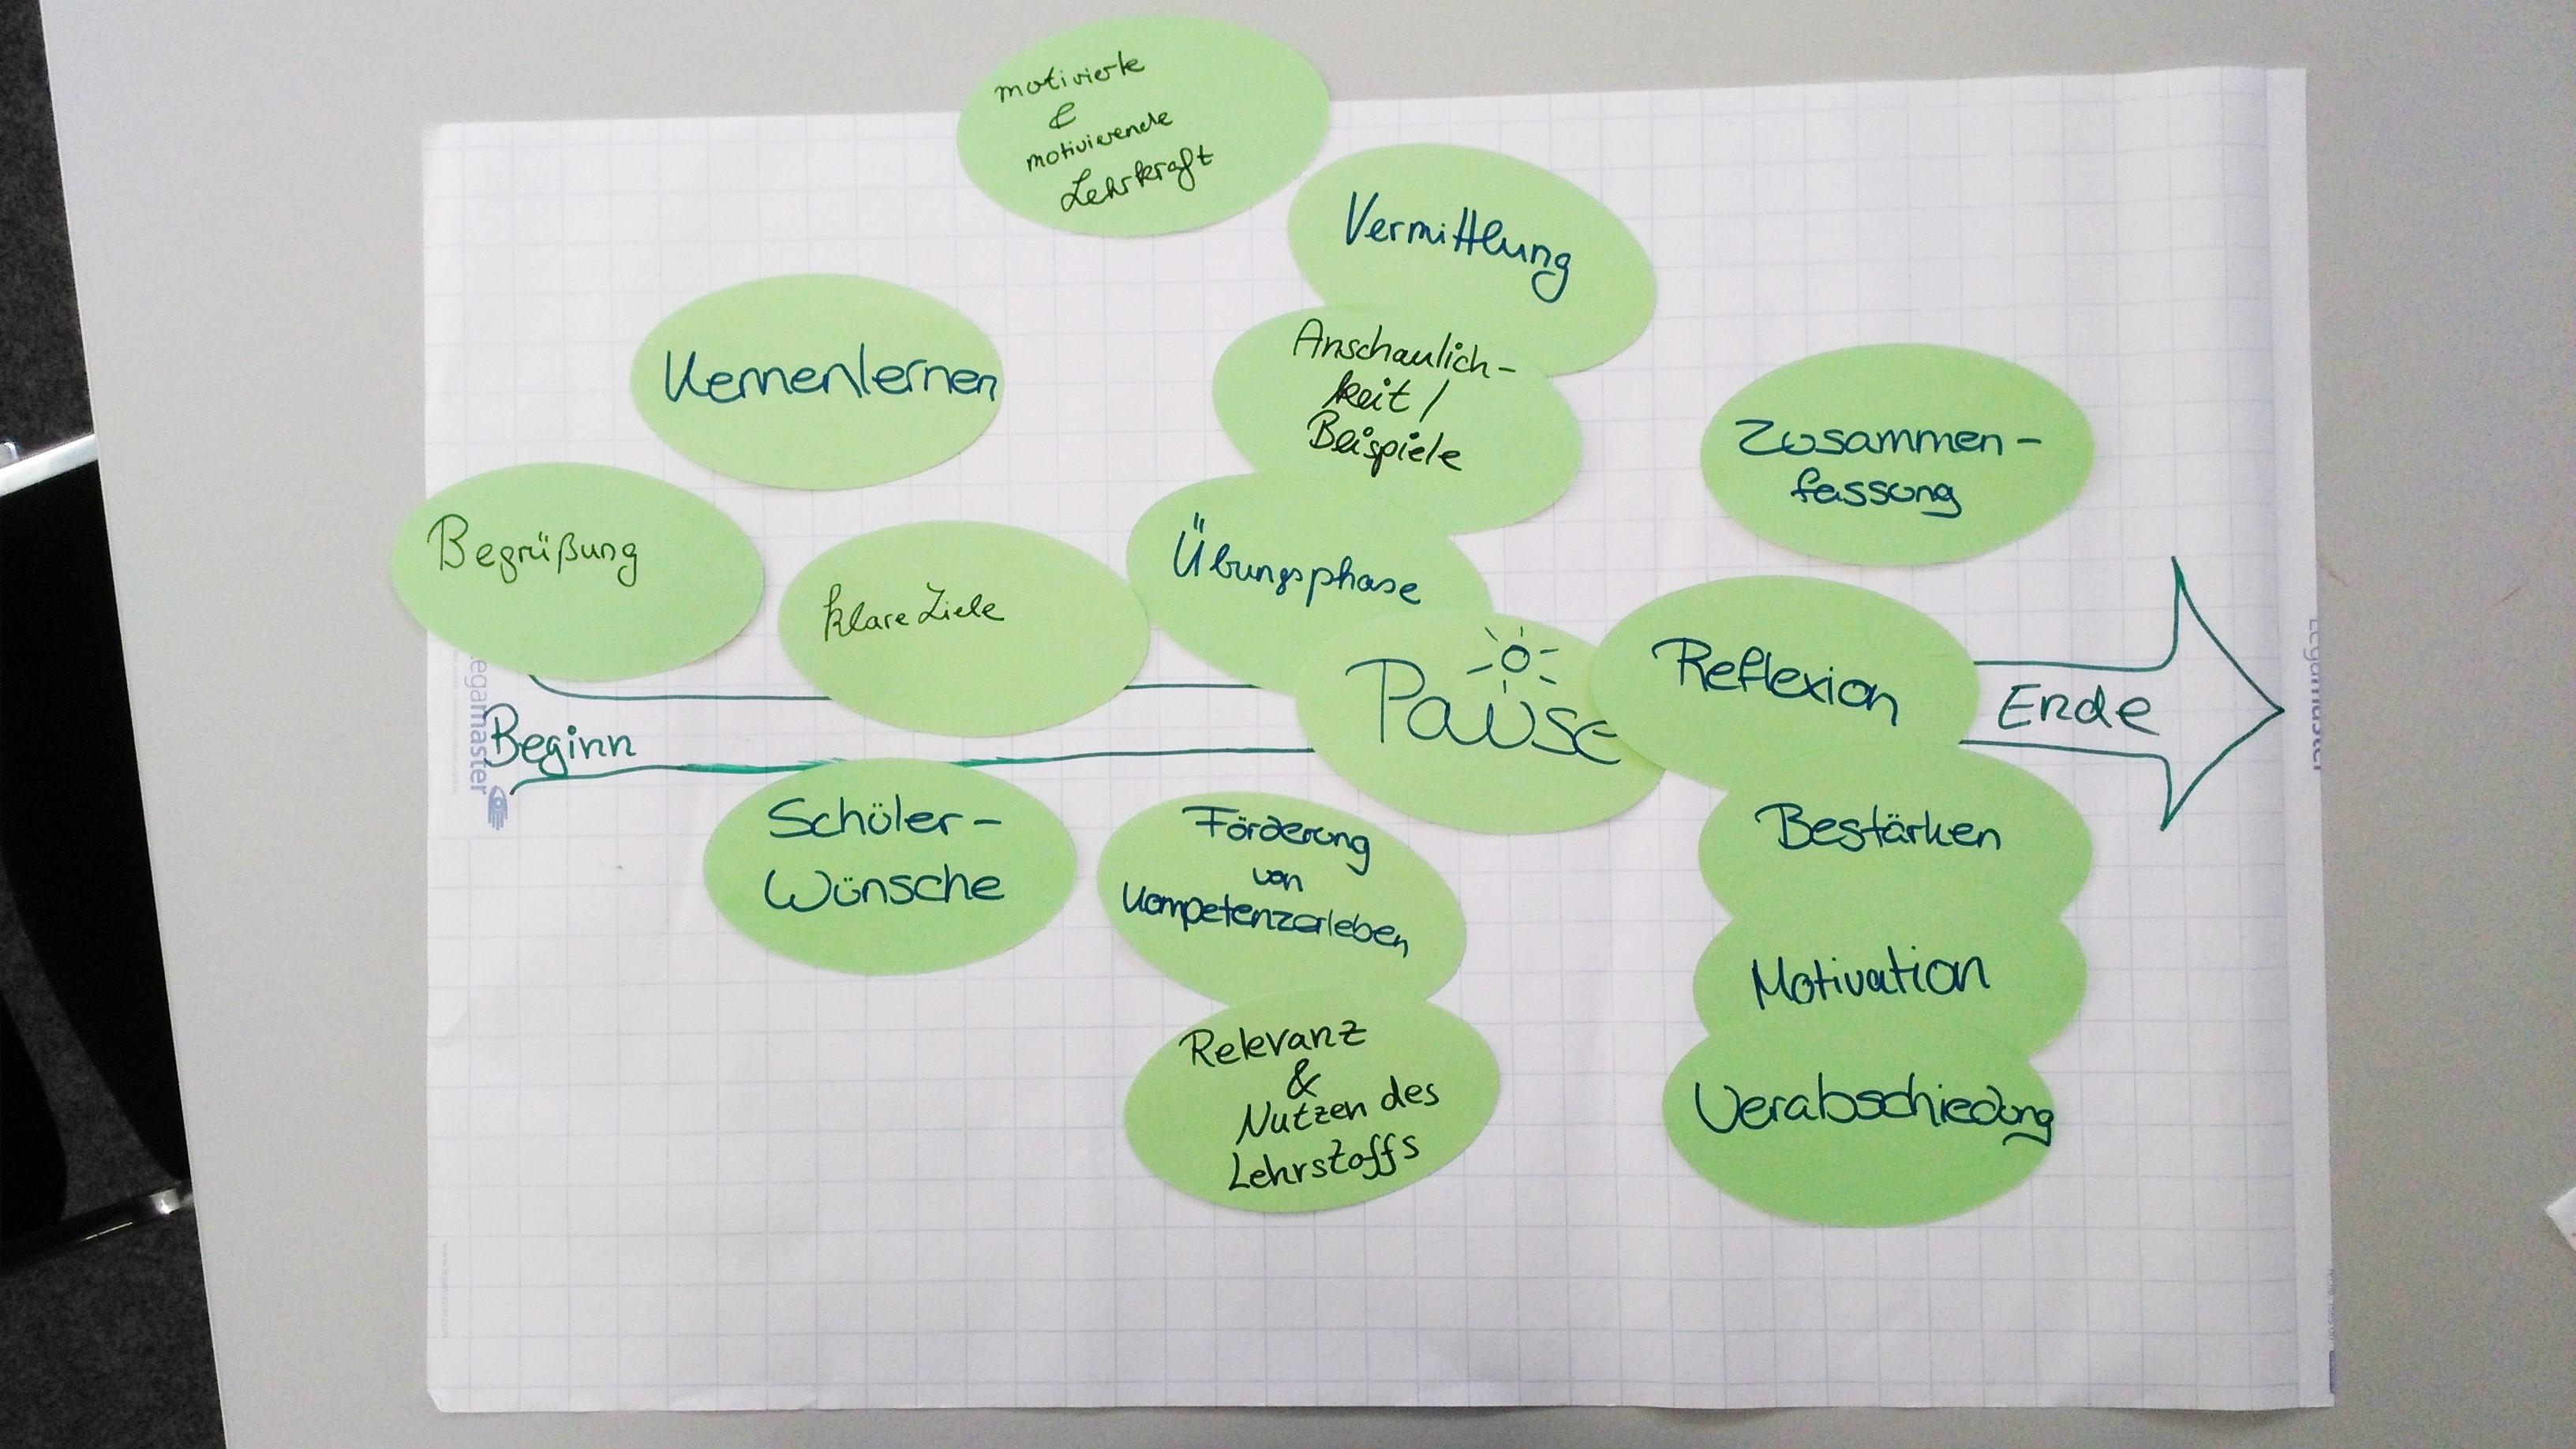 Eine der im Rahmen der Seminare erstellten Veranschaulichungen zur Gestaltung einer optimalen Tutoriumssitzung